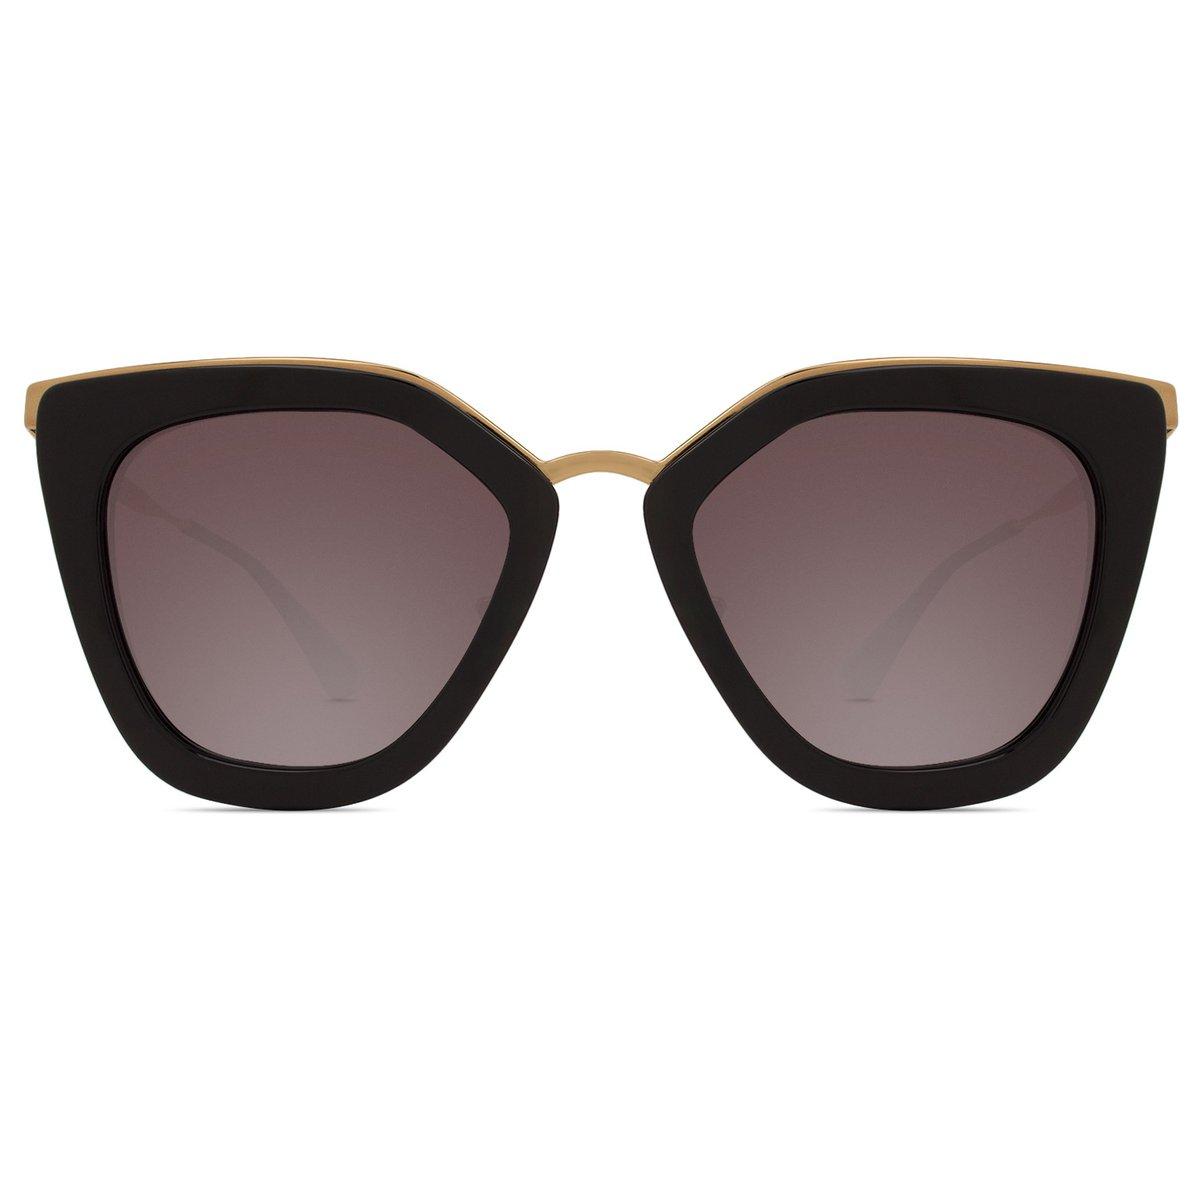 d17ffeacc3140 Óculos de Sol Prada Cinema Evolution PR53SS 1AB2A0-52 Polarizado - Compre  Agora